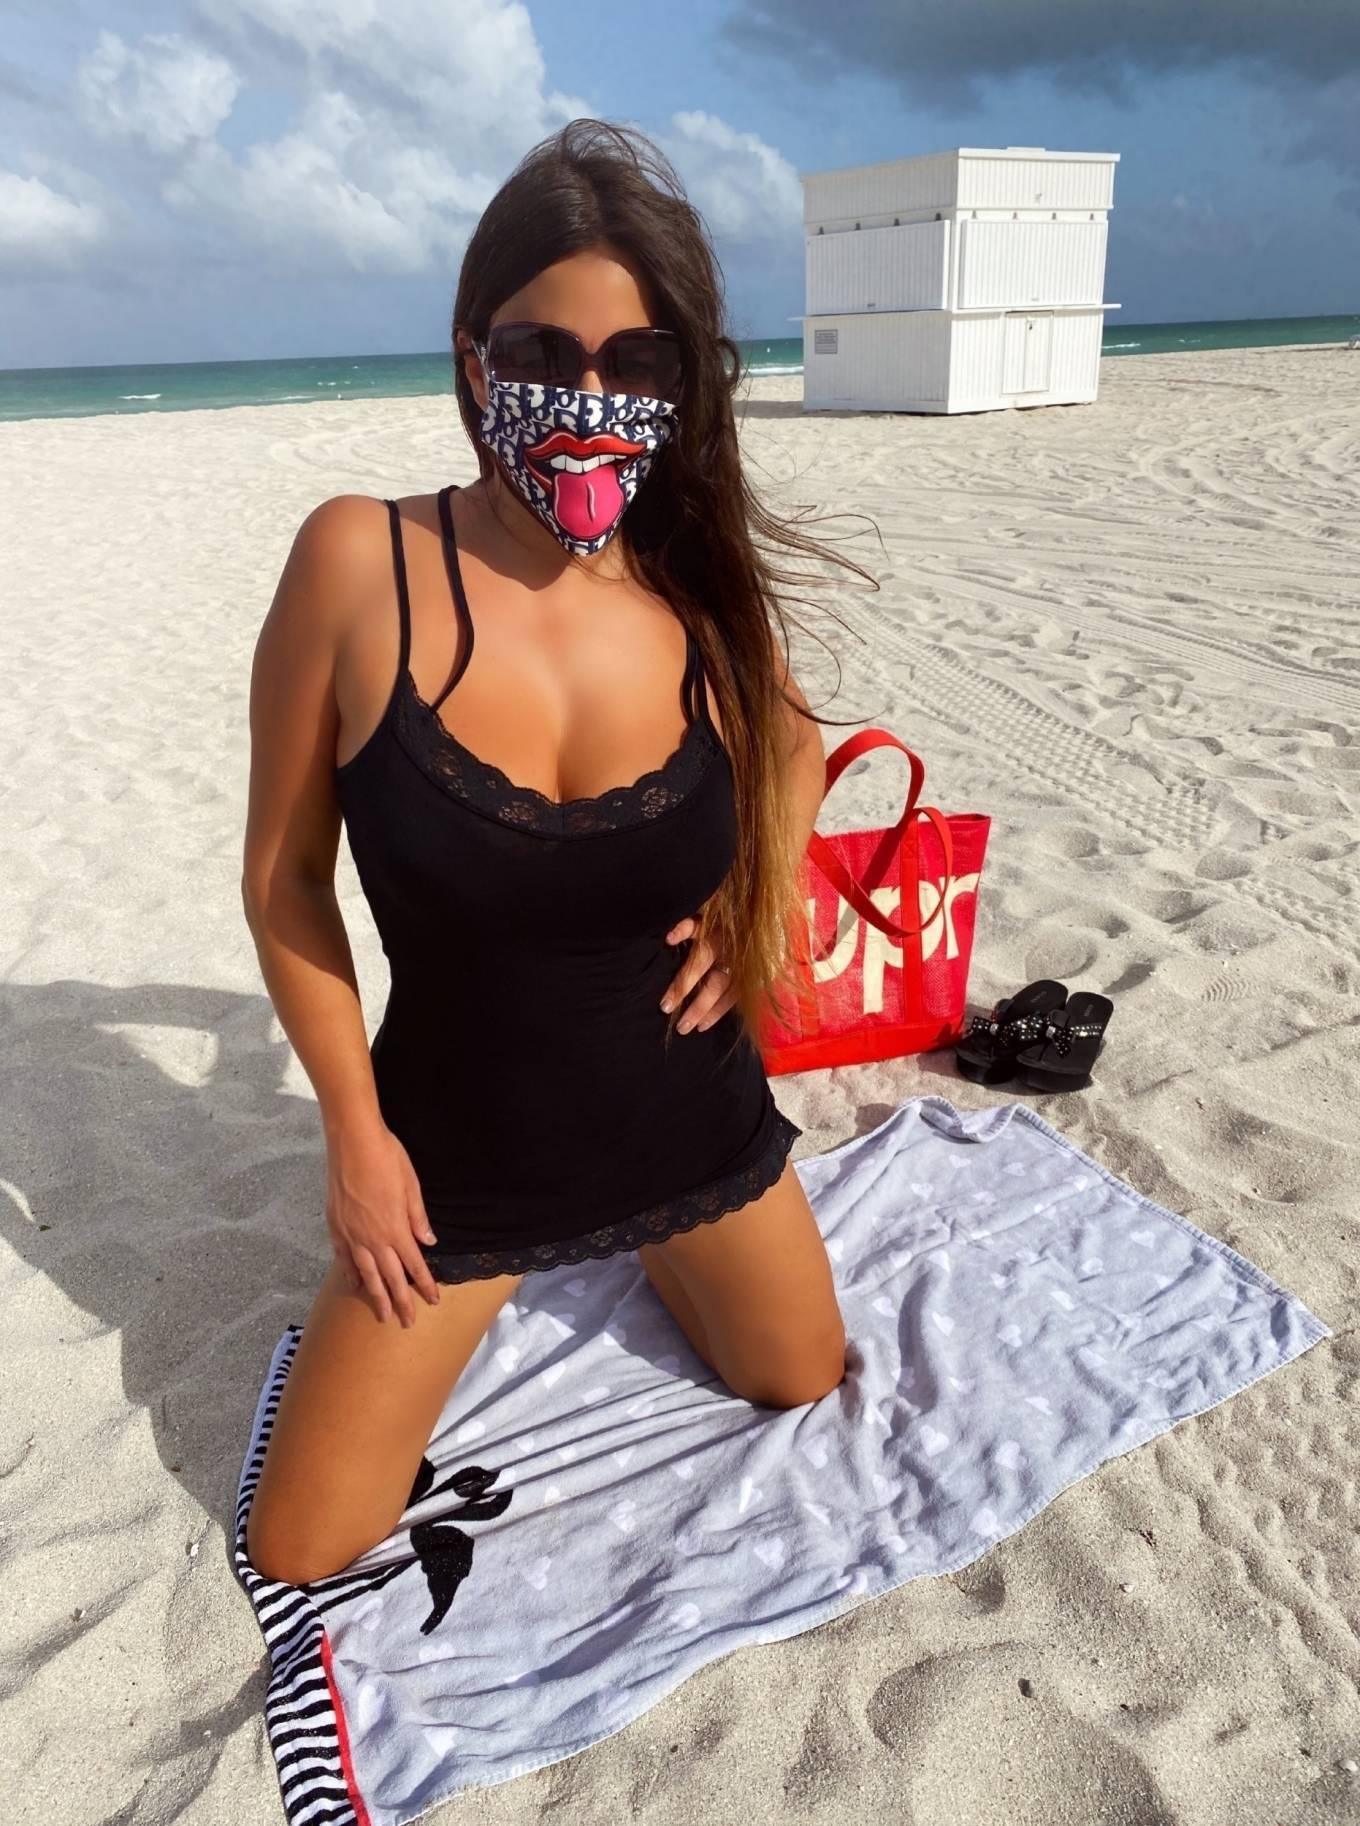 Claudia Romani 2020 : Claudia Romani – Possing in a bikini at Miami Beach-01